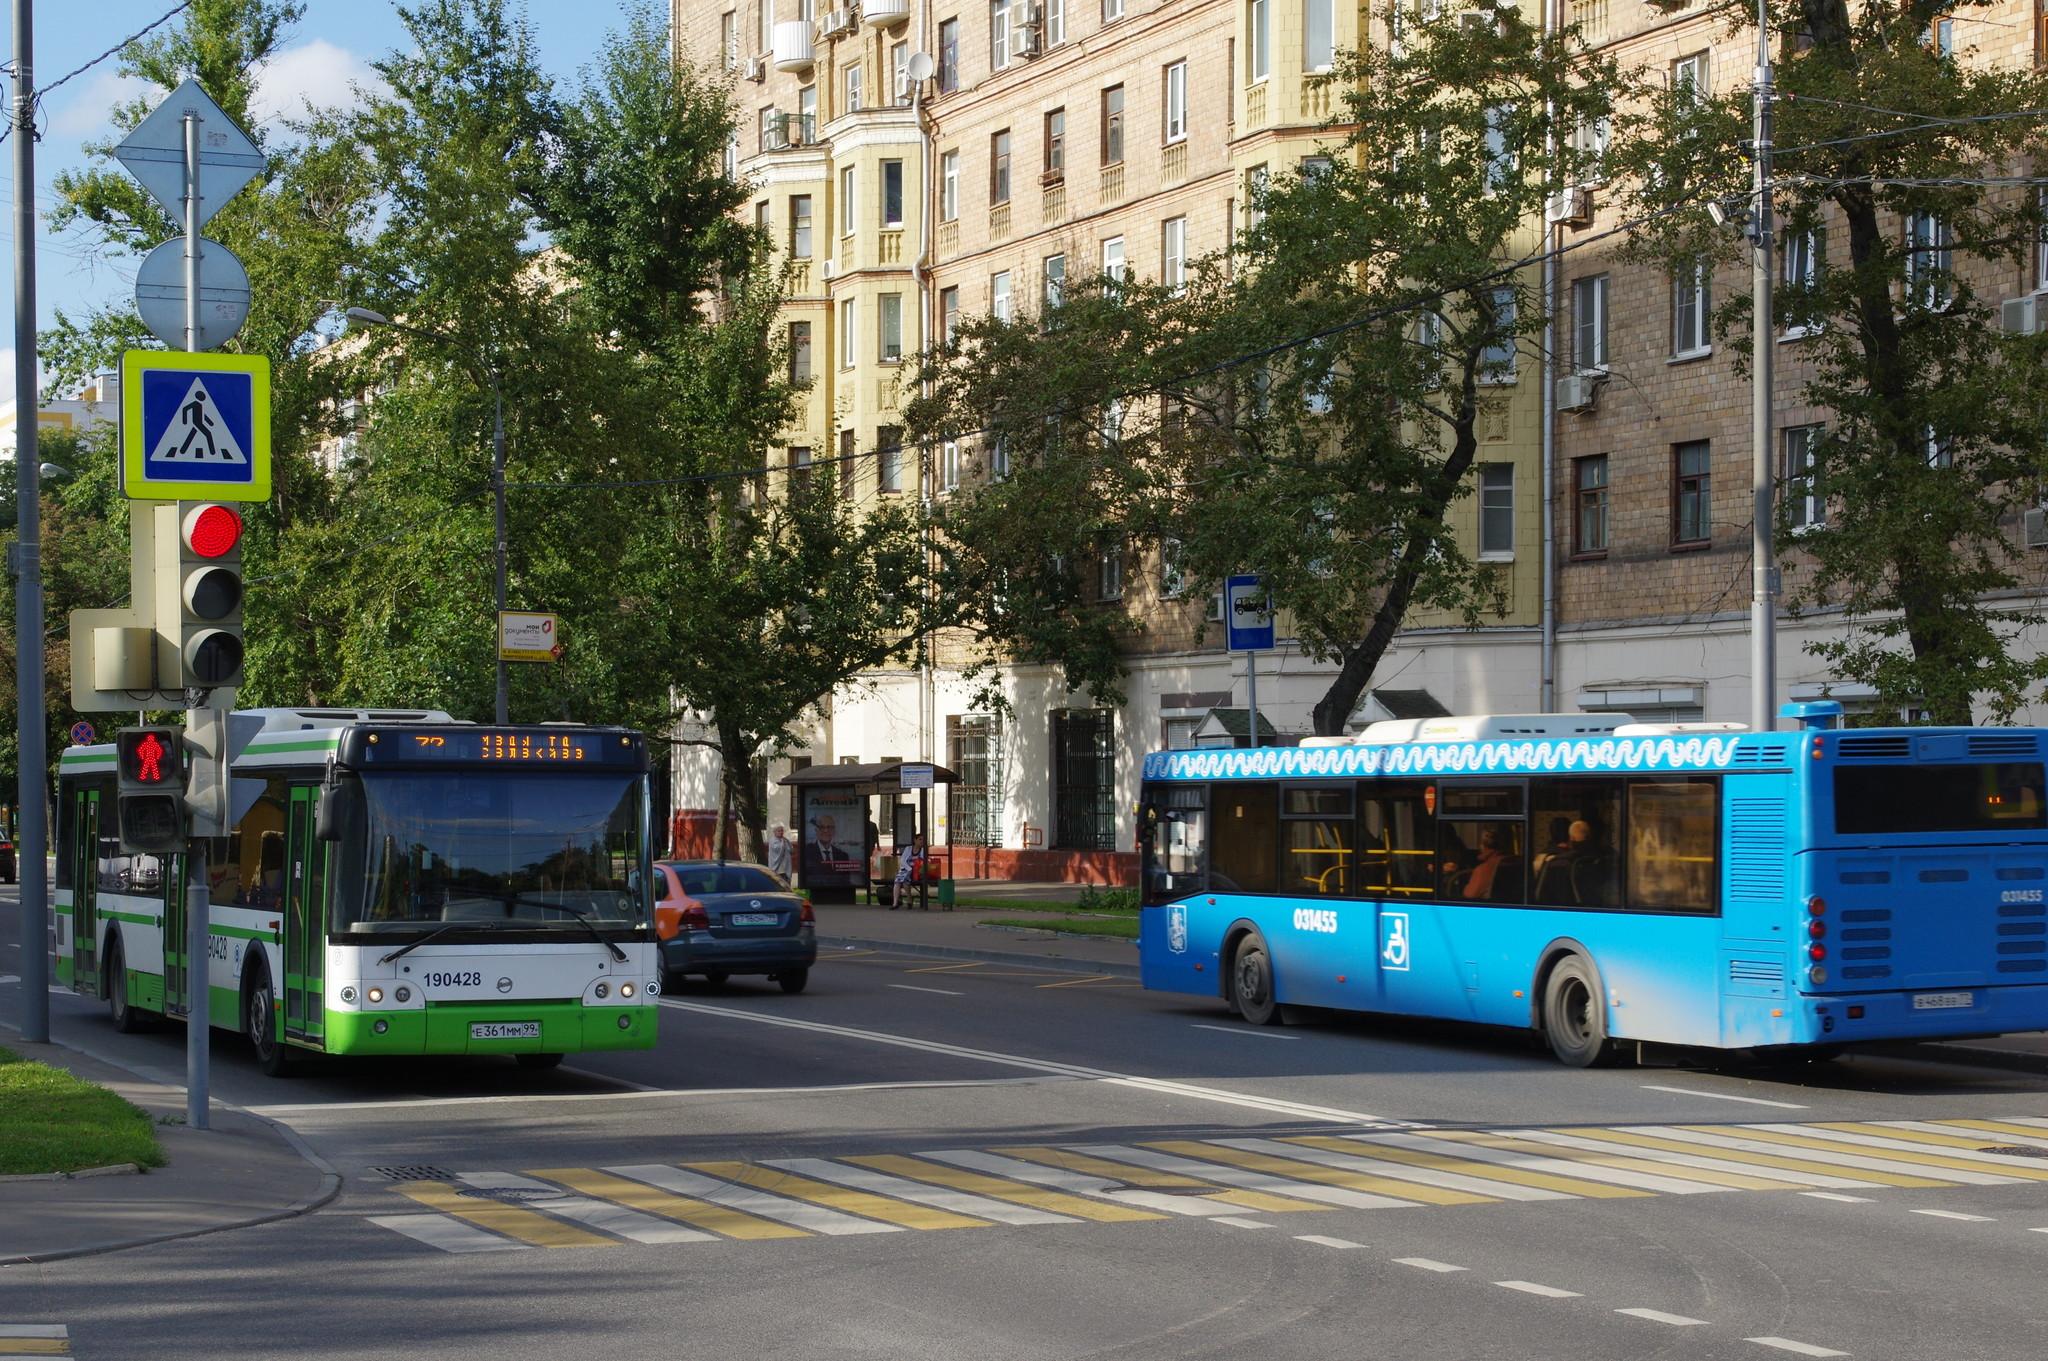 Автобус ЛиАЗ № 190428, госномер:Е 361 ММ 99 и автобус ЛиАЗ-5292.22 № 031455, госномер: В 468 ВВ 77 на Тимирязевской улице